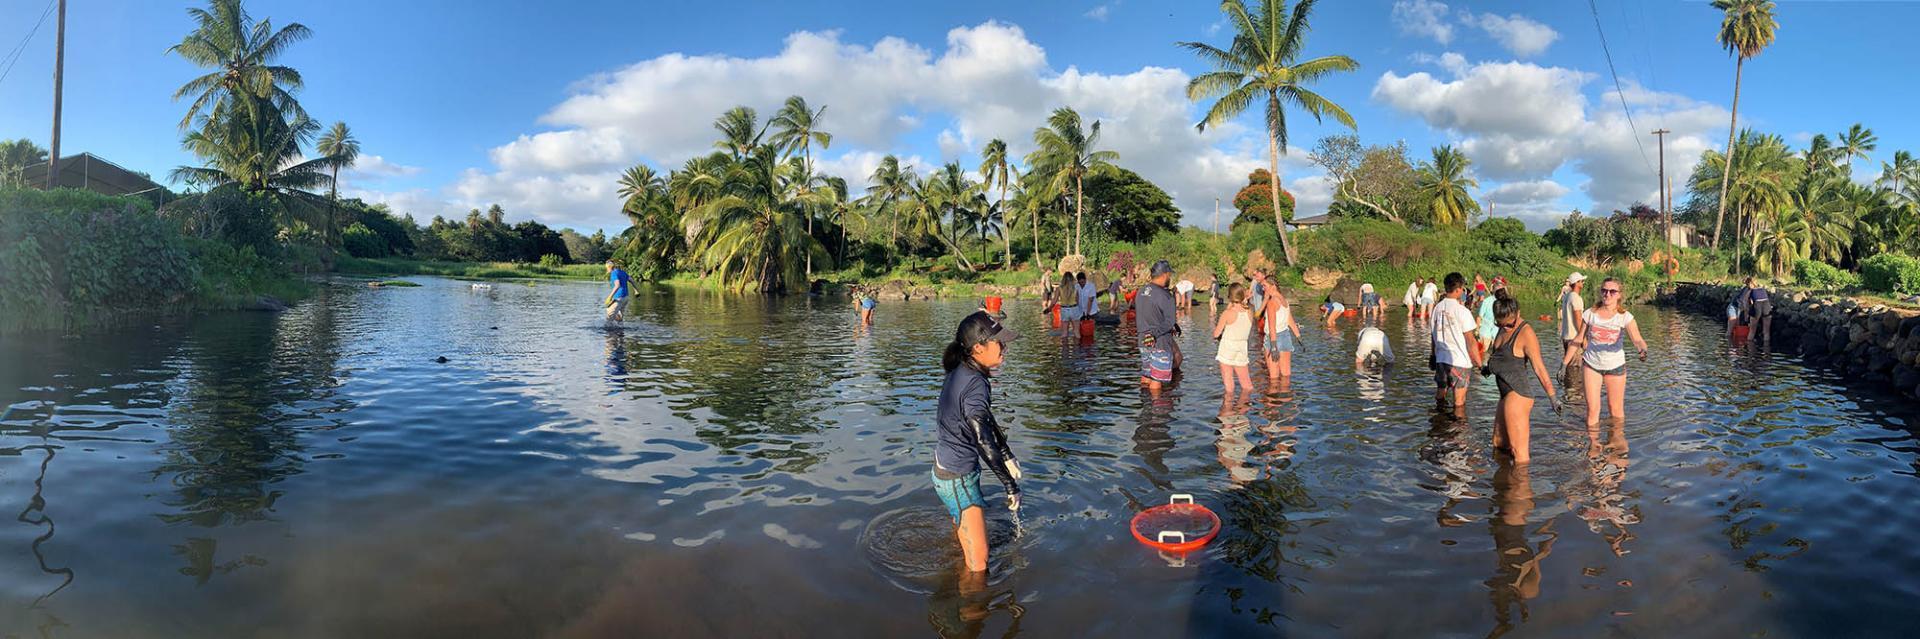 Volunteers in water